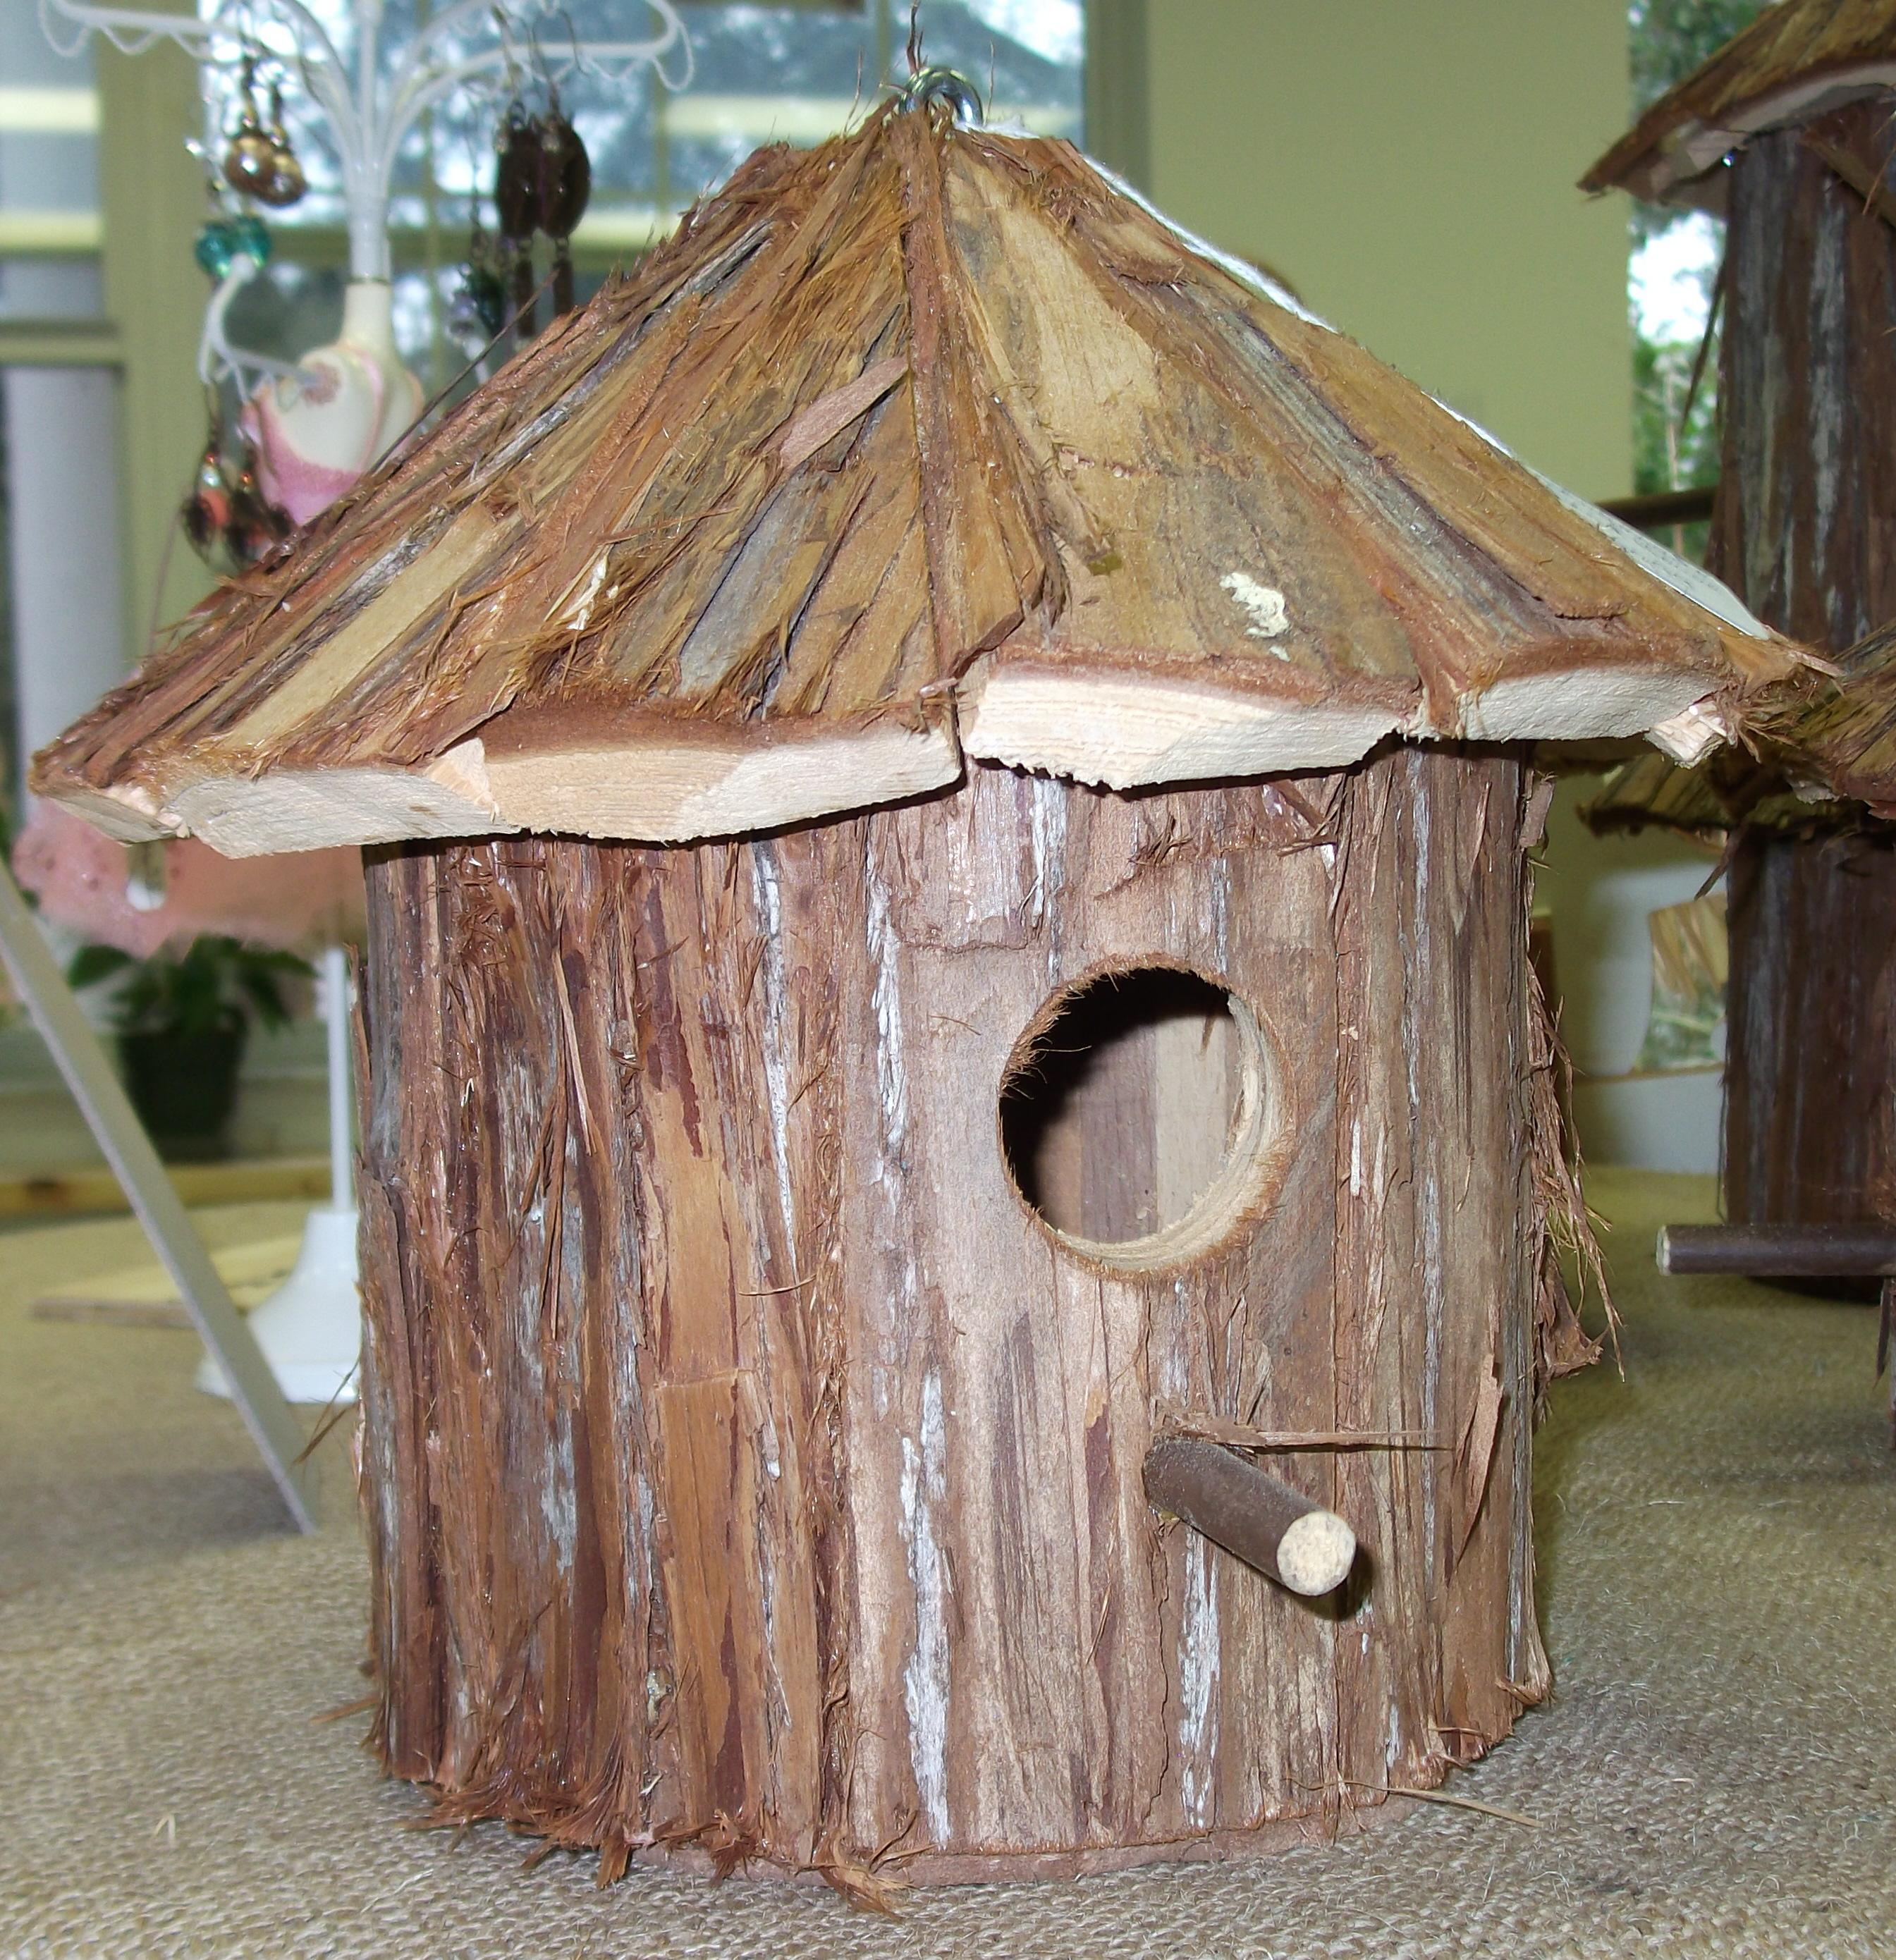 10 Creative Diy Birdhouse Ideas Easy Diy And Crafts